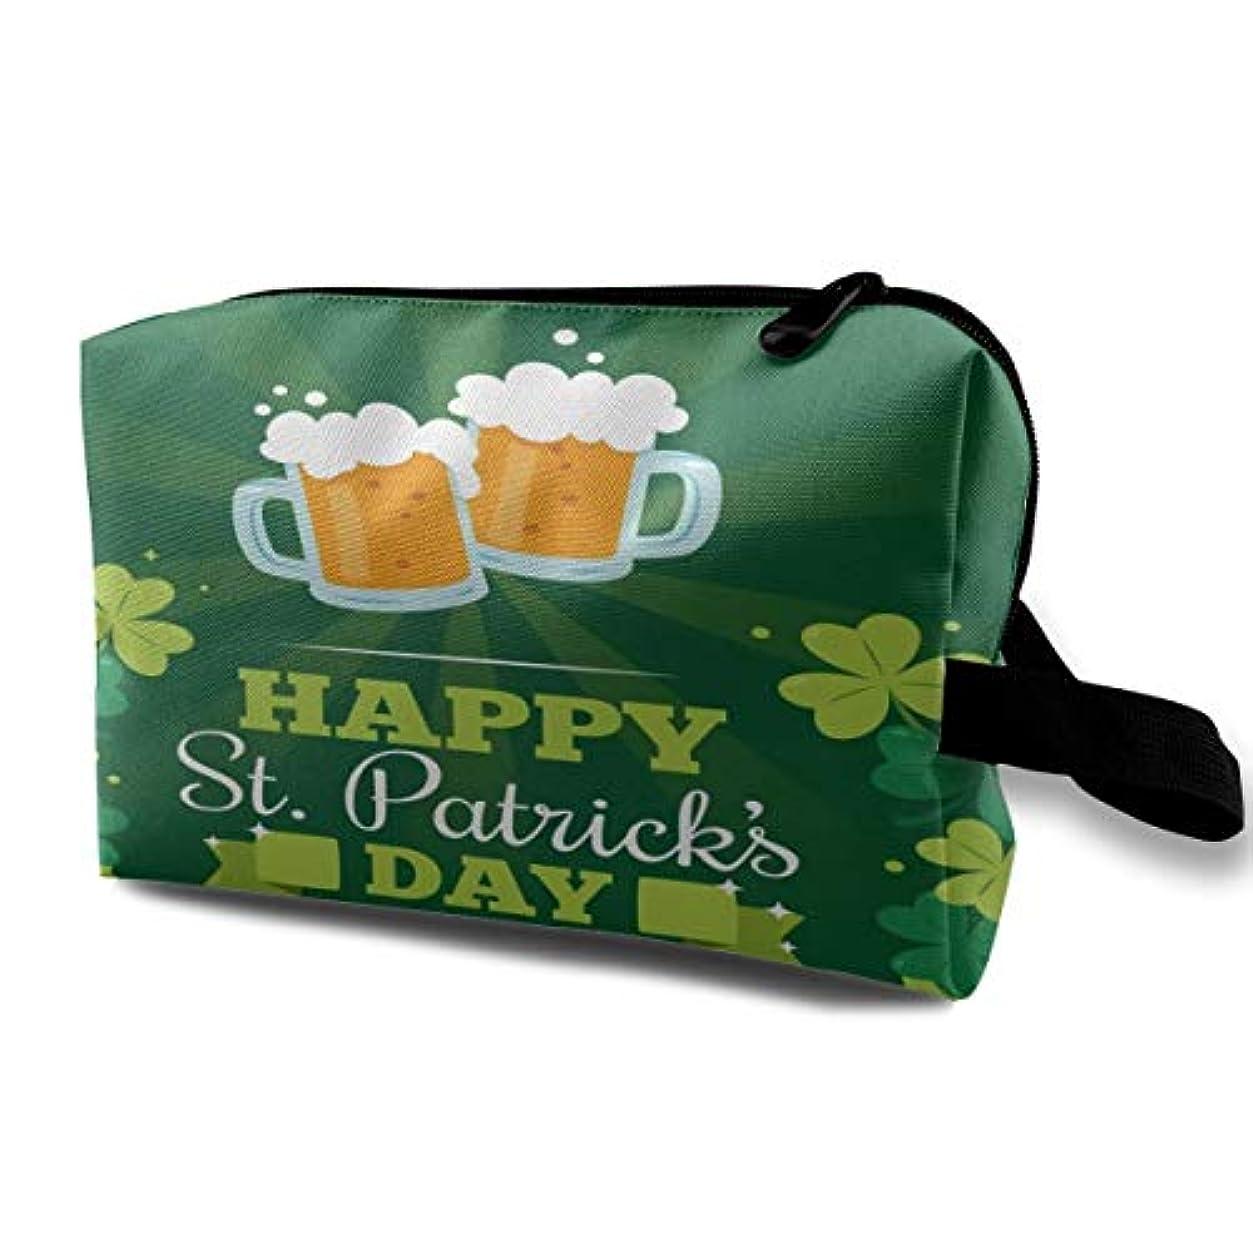 ハッチ懸念高潔なHappy St.Patrick's Day 01 収納ポーチ 化粧ポーチ 大容量 軽量 耐久性 ハンドル付持ち運び便利。入れ 自宅?出張?旅行?アウトドア撮影などに対応。メンズ レディース トラベルグッズ